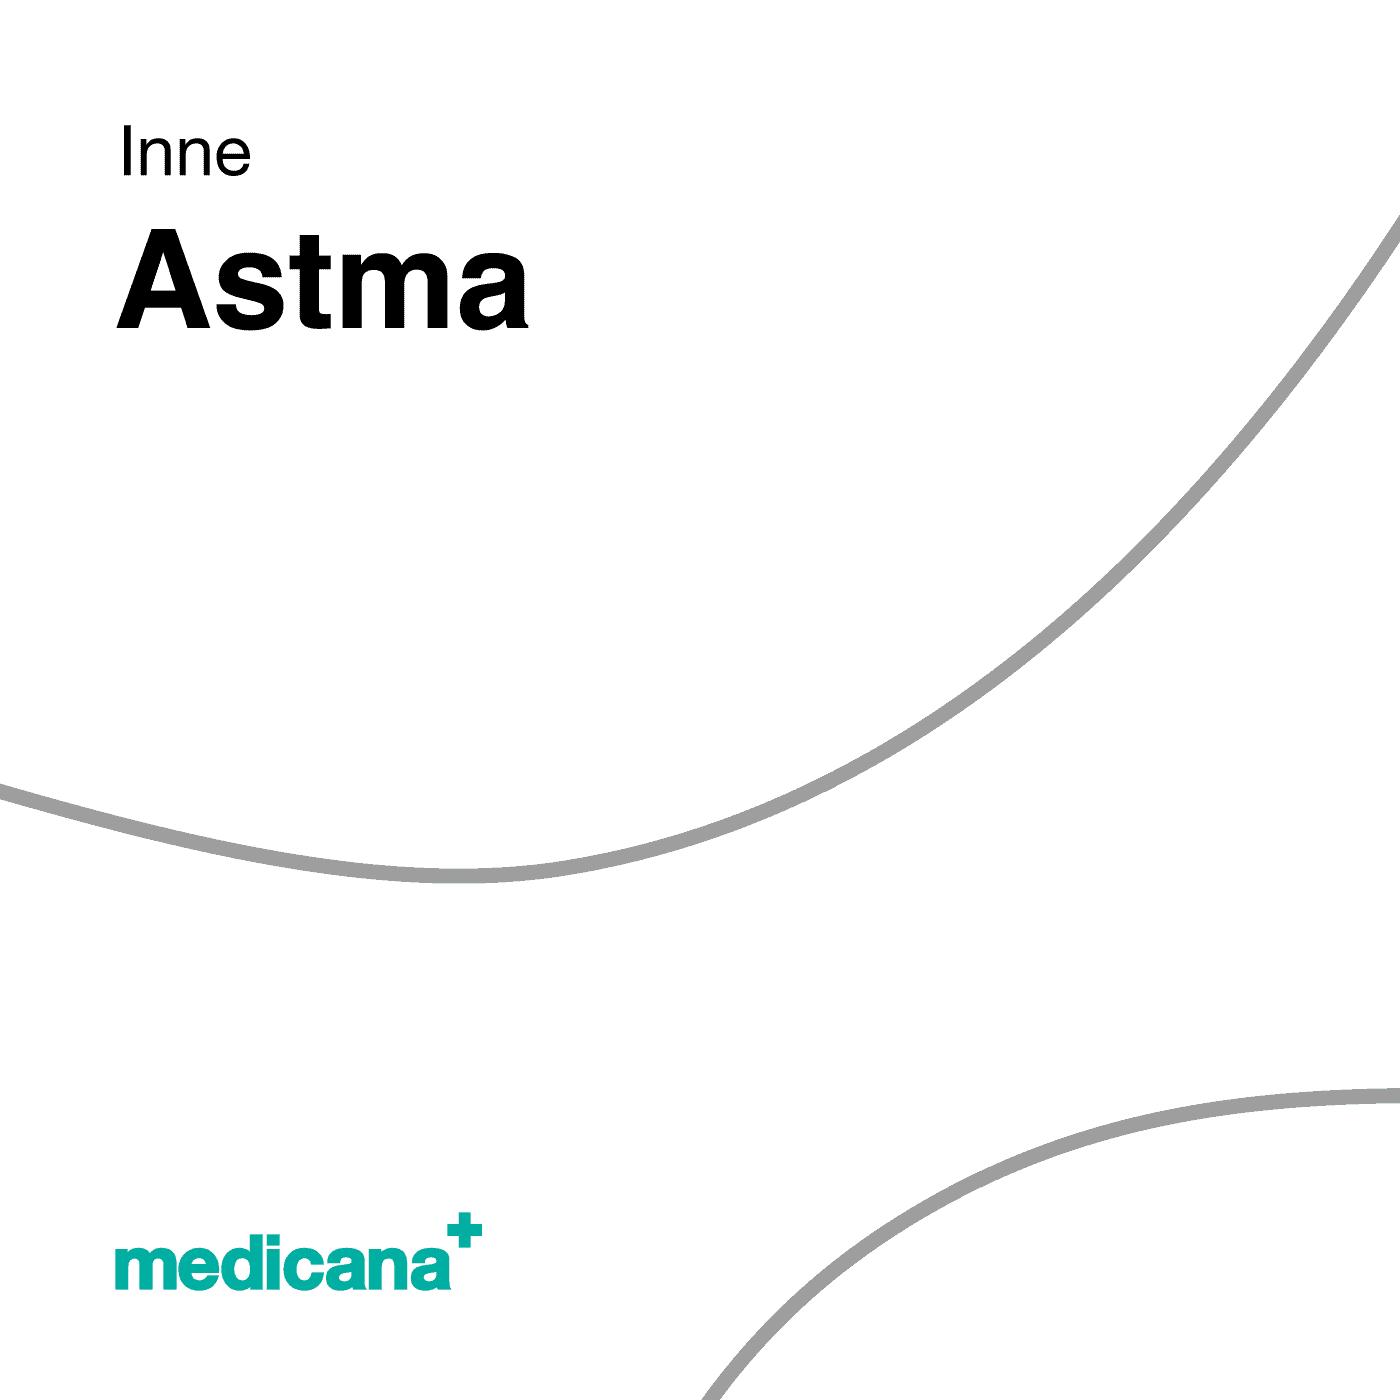 Grafika, białe tło szarą kreską, czarnym napisem Inne - Astma oraz zielonym logo Medicana w lewym dolnym rogu.